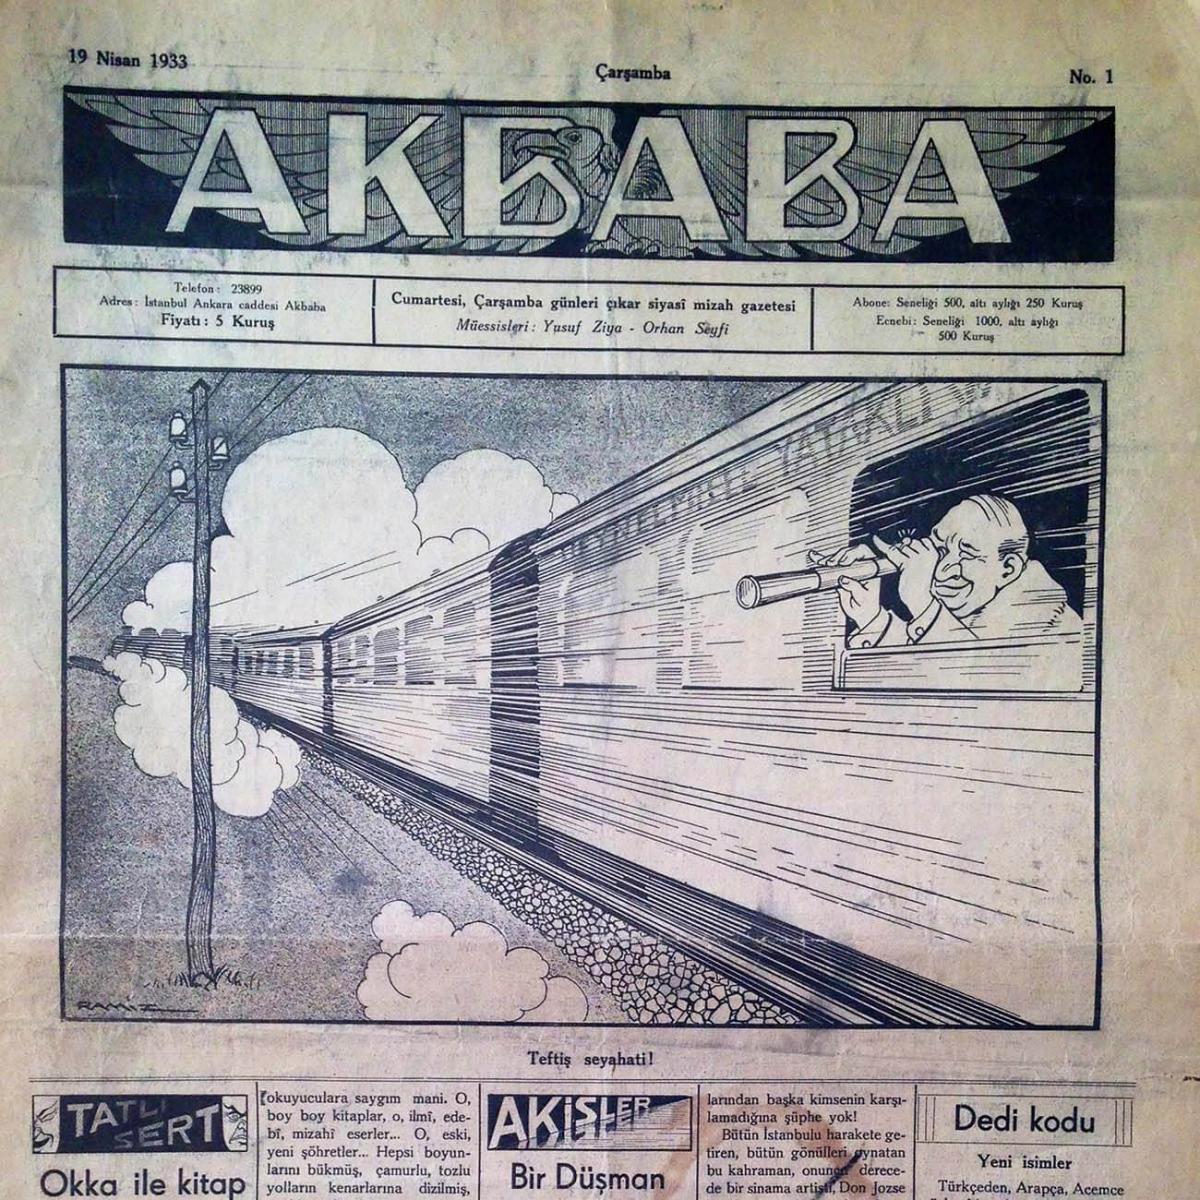 1933 Yılında tekrar bağımsız yayımlanan Akbaba Gazete formunda 73 sayı yayımlanmıştır.